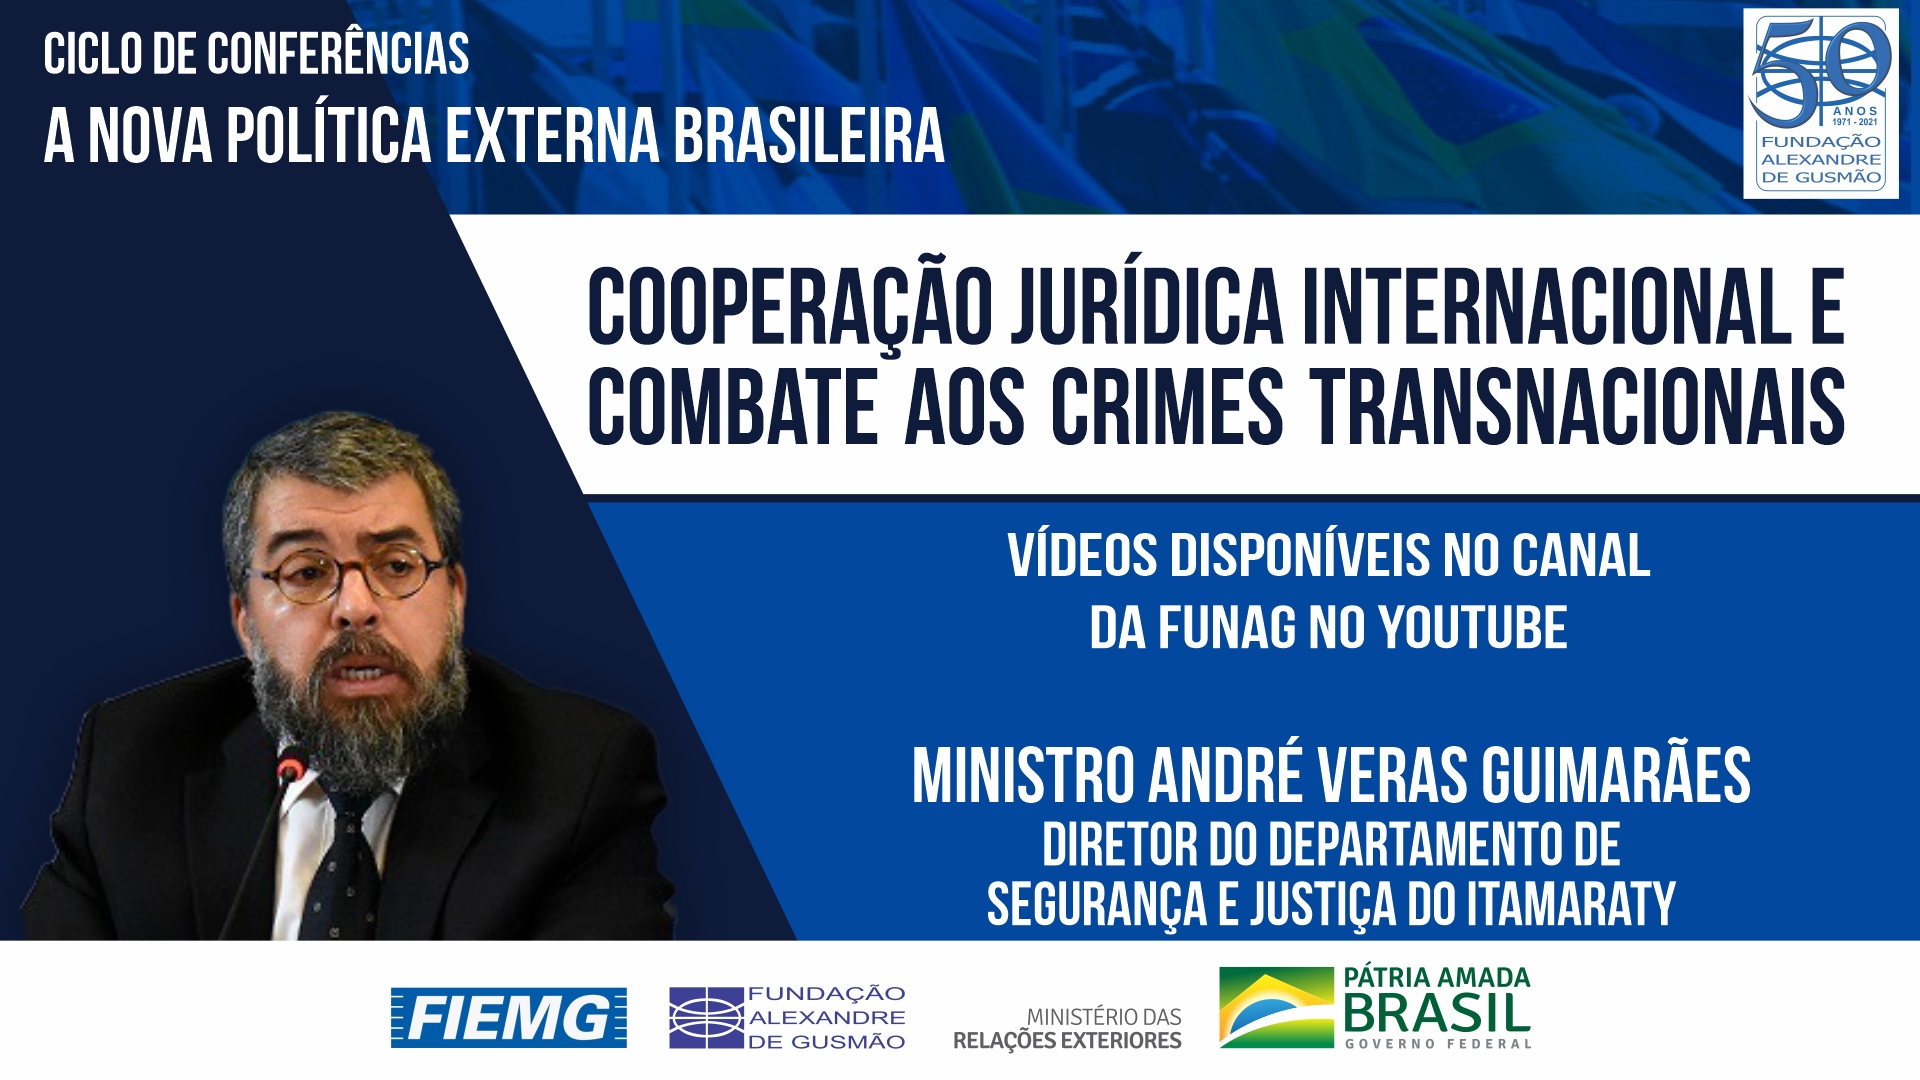 Vea los vídeos de la conferencia del Director del Departamento de Seguridad y Justicia de Itamaraty, Ministro André Veras Guimarães